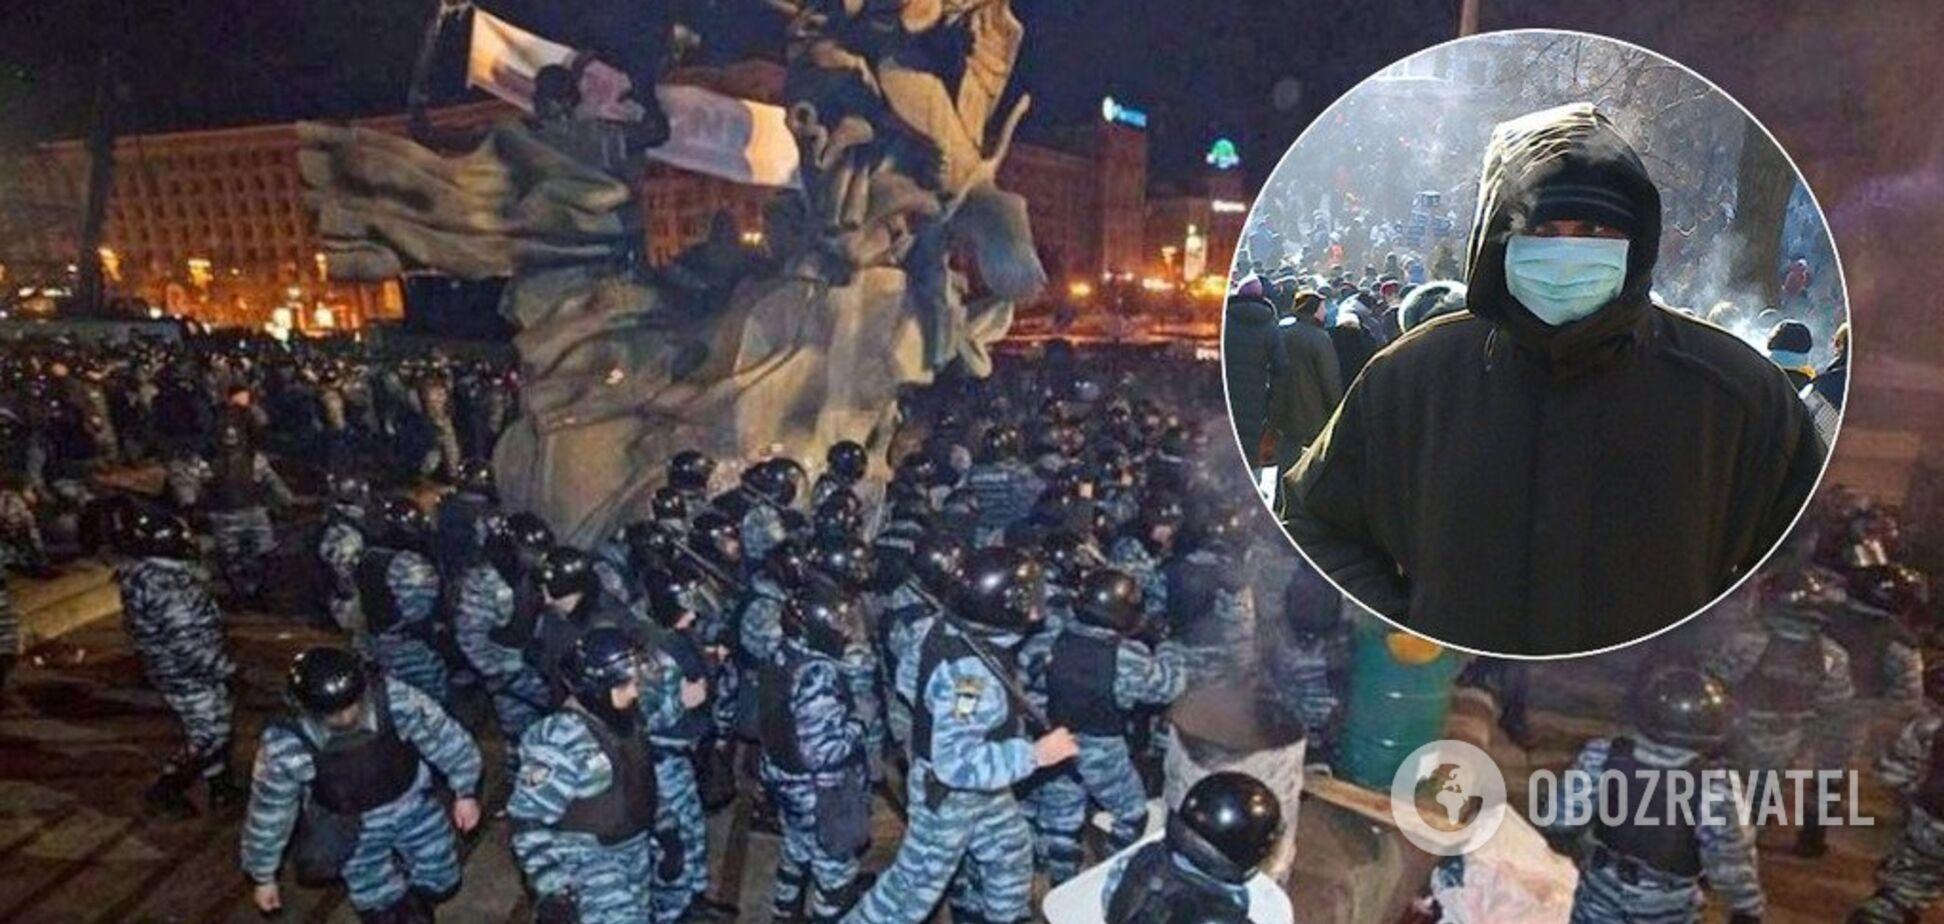 'Они экс-милиционеры!' Сотрудников НАБУ уличили в похищении активистов Евромайдана